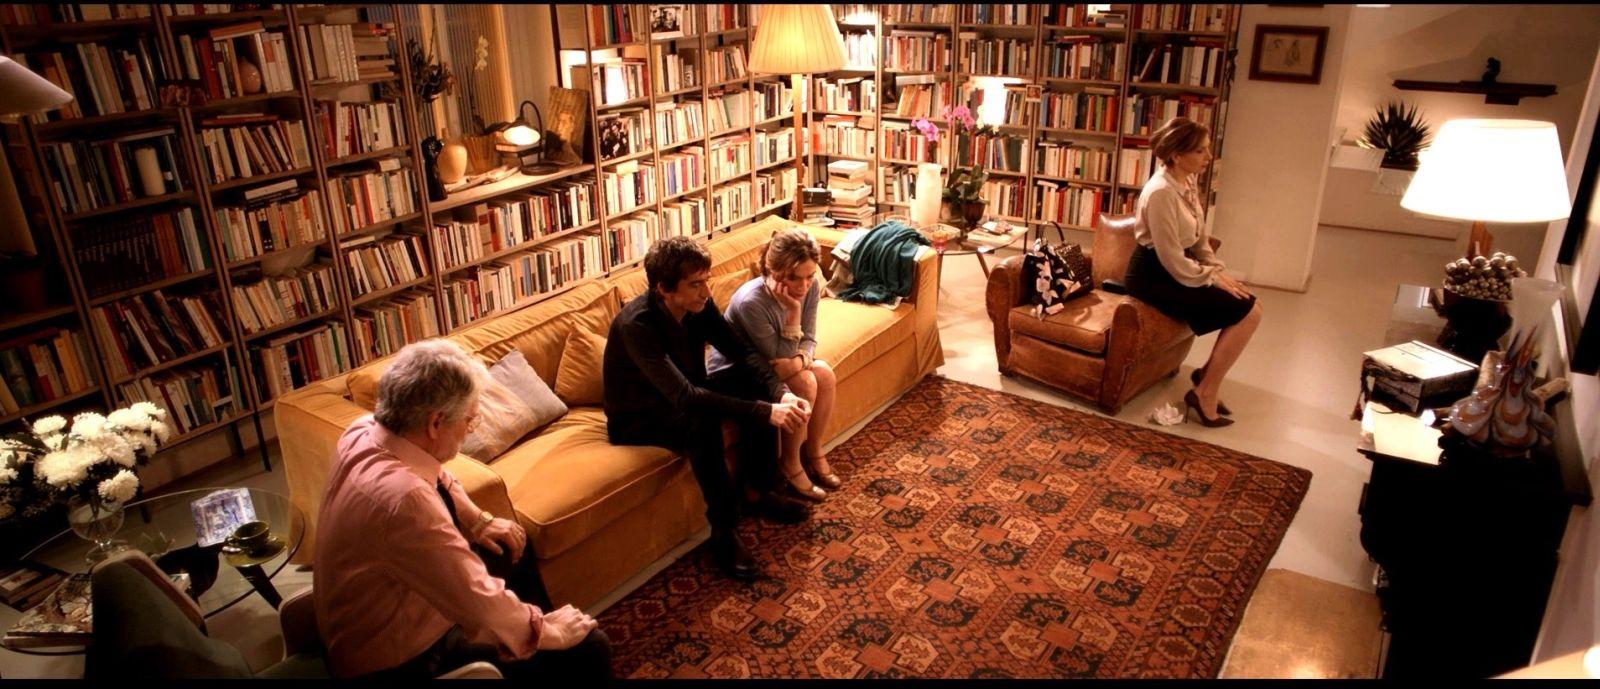 Dobbiamo parlare: Isabella Ragonese, Fabrizio Bentivoglio, Sergio Rubini e Maria Pia Calzone in un'immagine del film